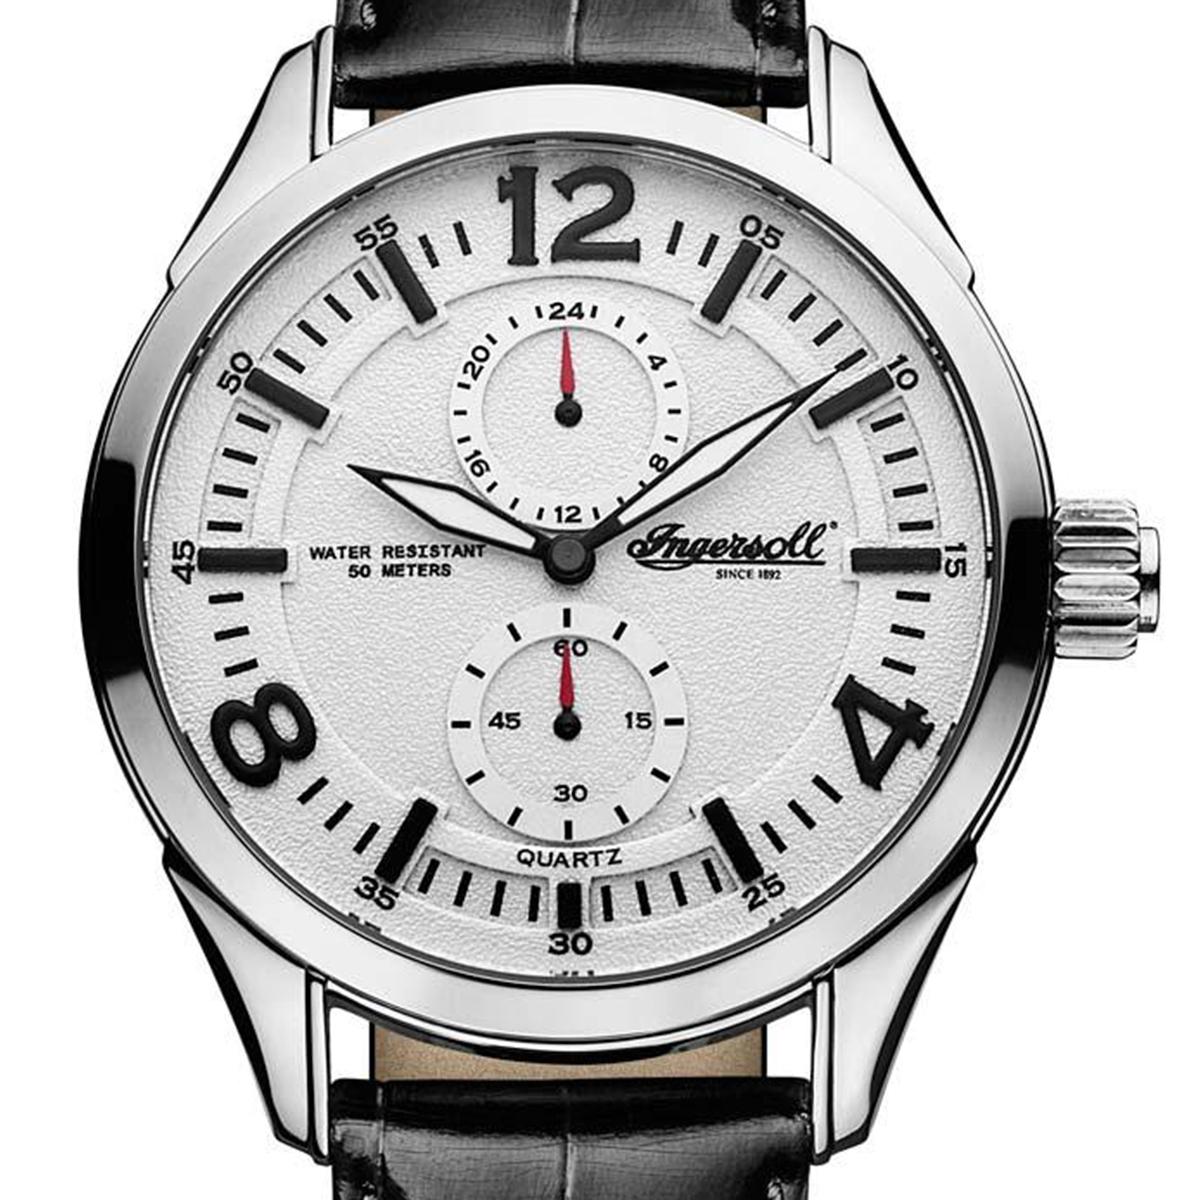 【残り1点】Ingersoll インガソール/インガーソル 電池式クォーツ 腕時計 [INQ028WHBK] 並行輸入品